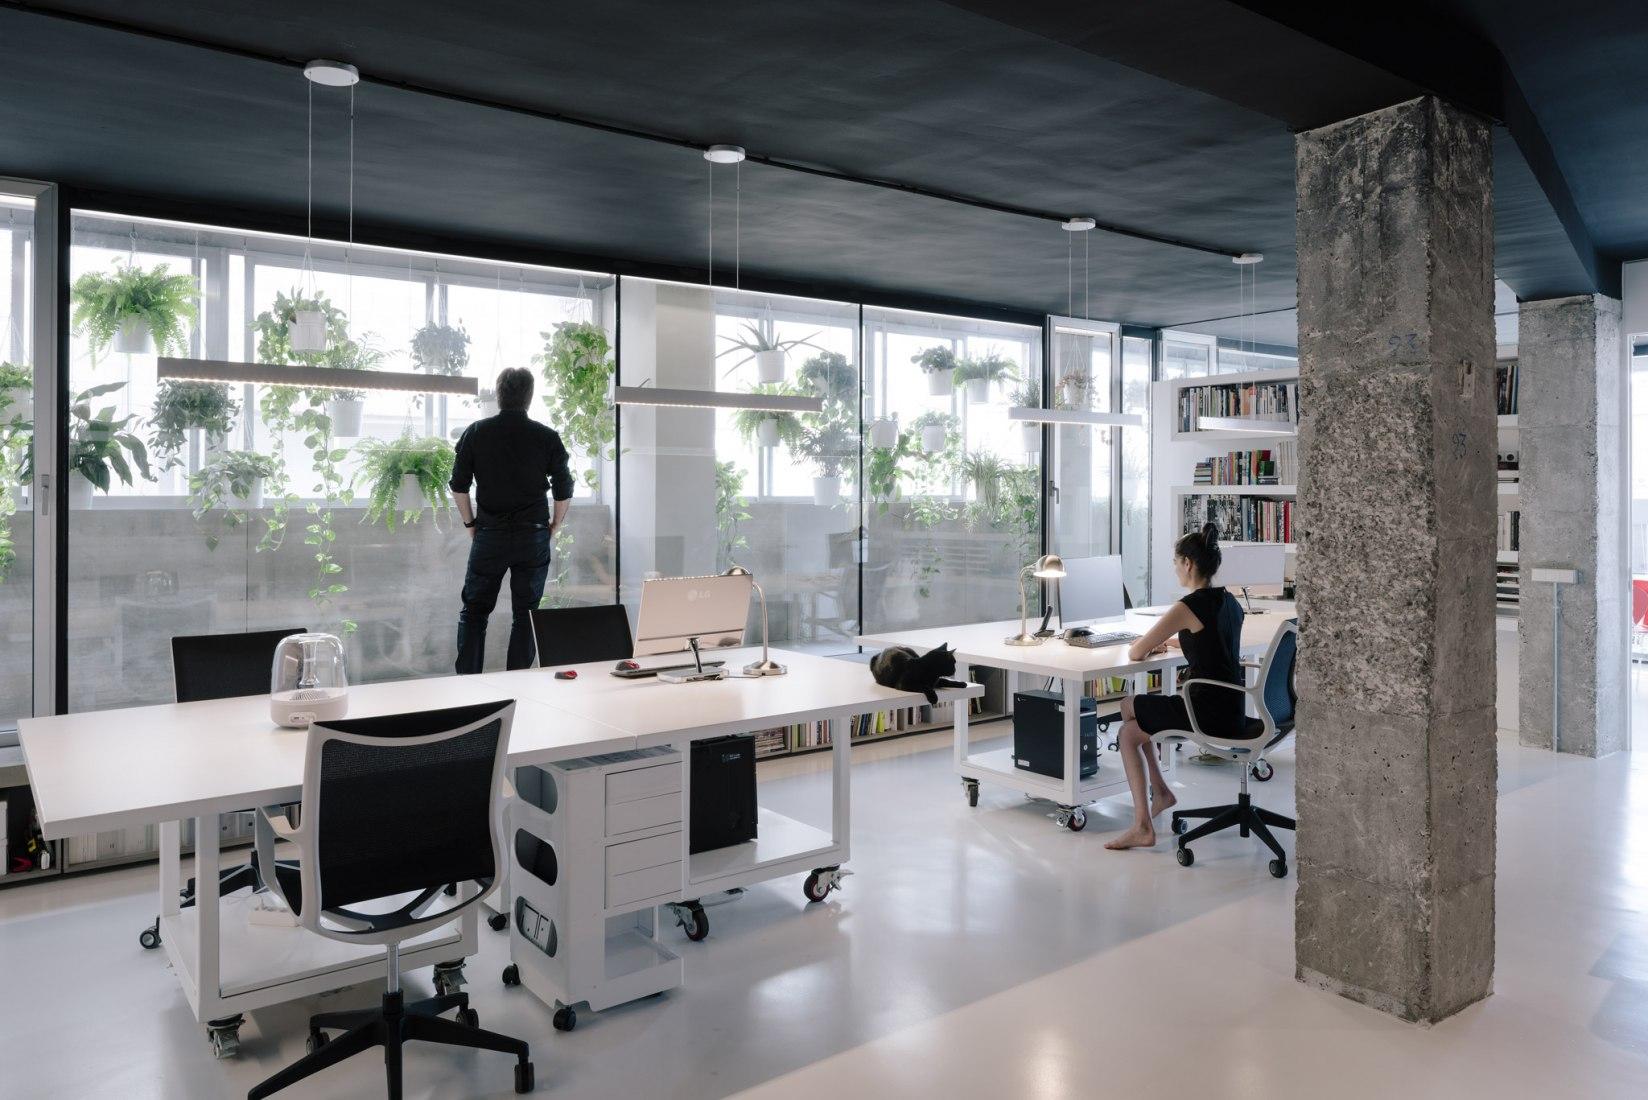 Resultado de imagen para espacio industrial interior